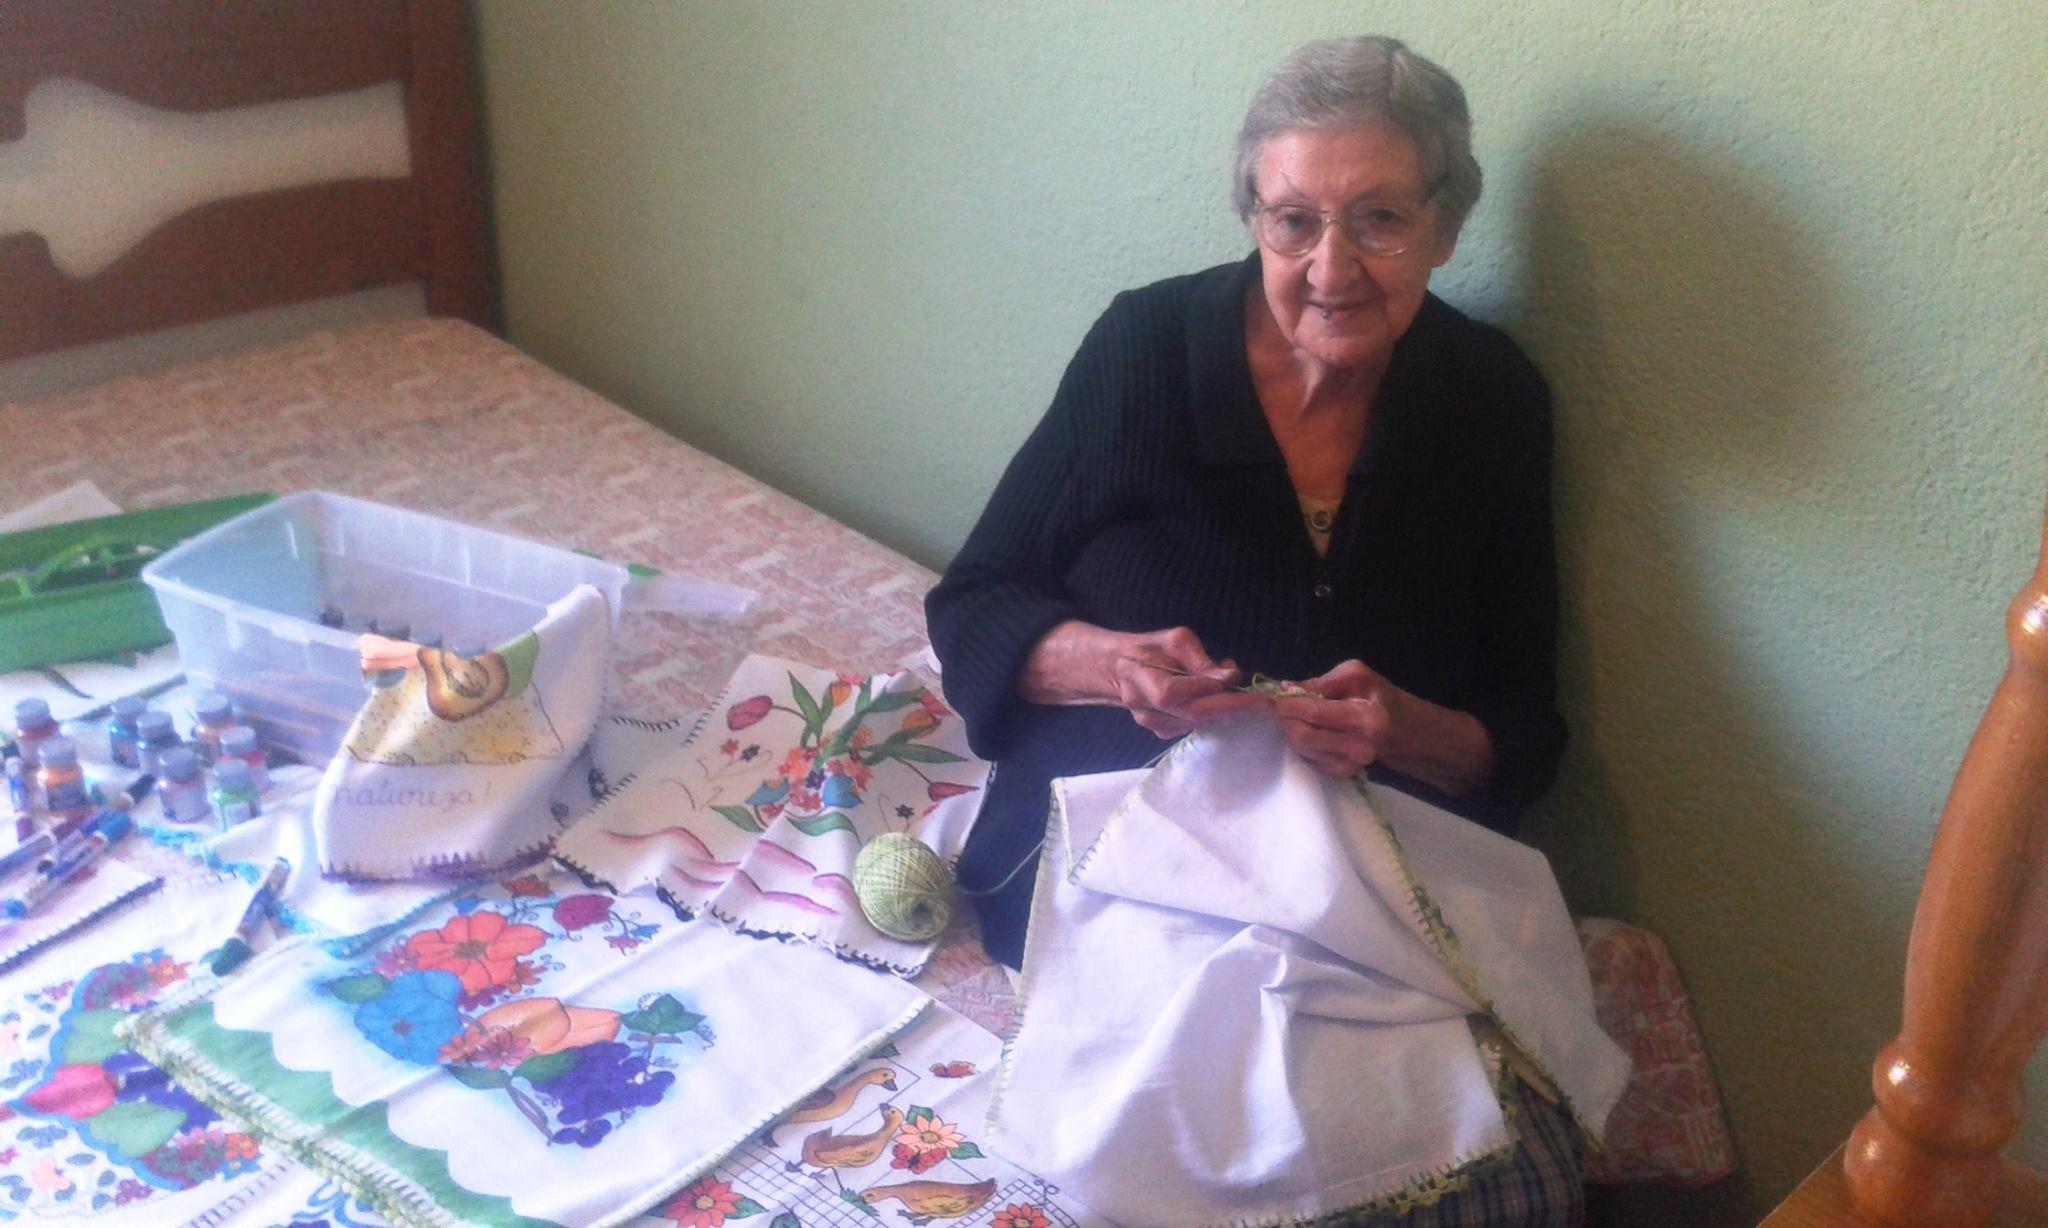 Dona Aparecida faz bicos ou barrados de crochê em cada um dos panos de prato; depois pinta e presenteia com eles os familiares